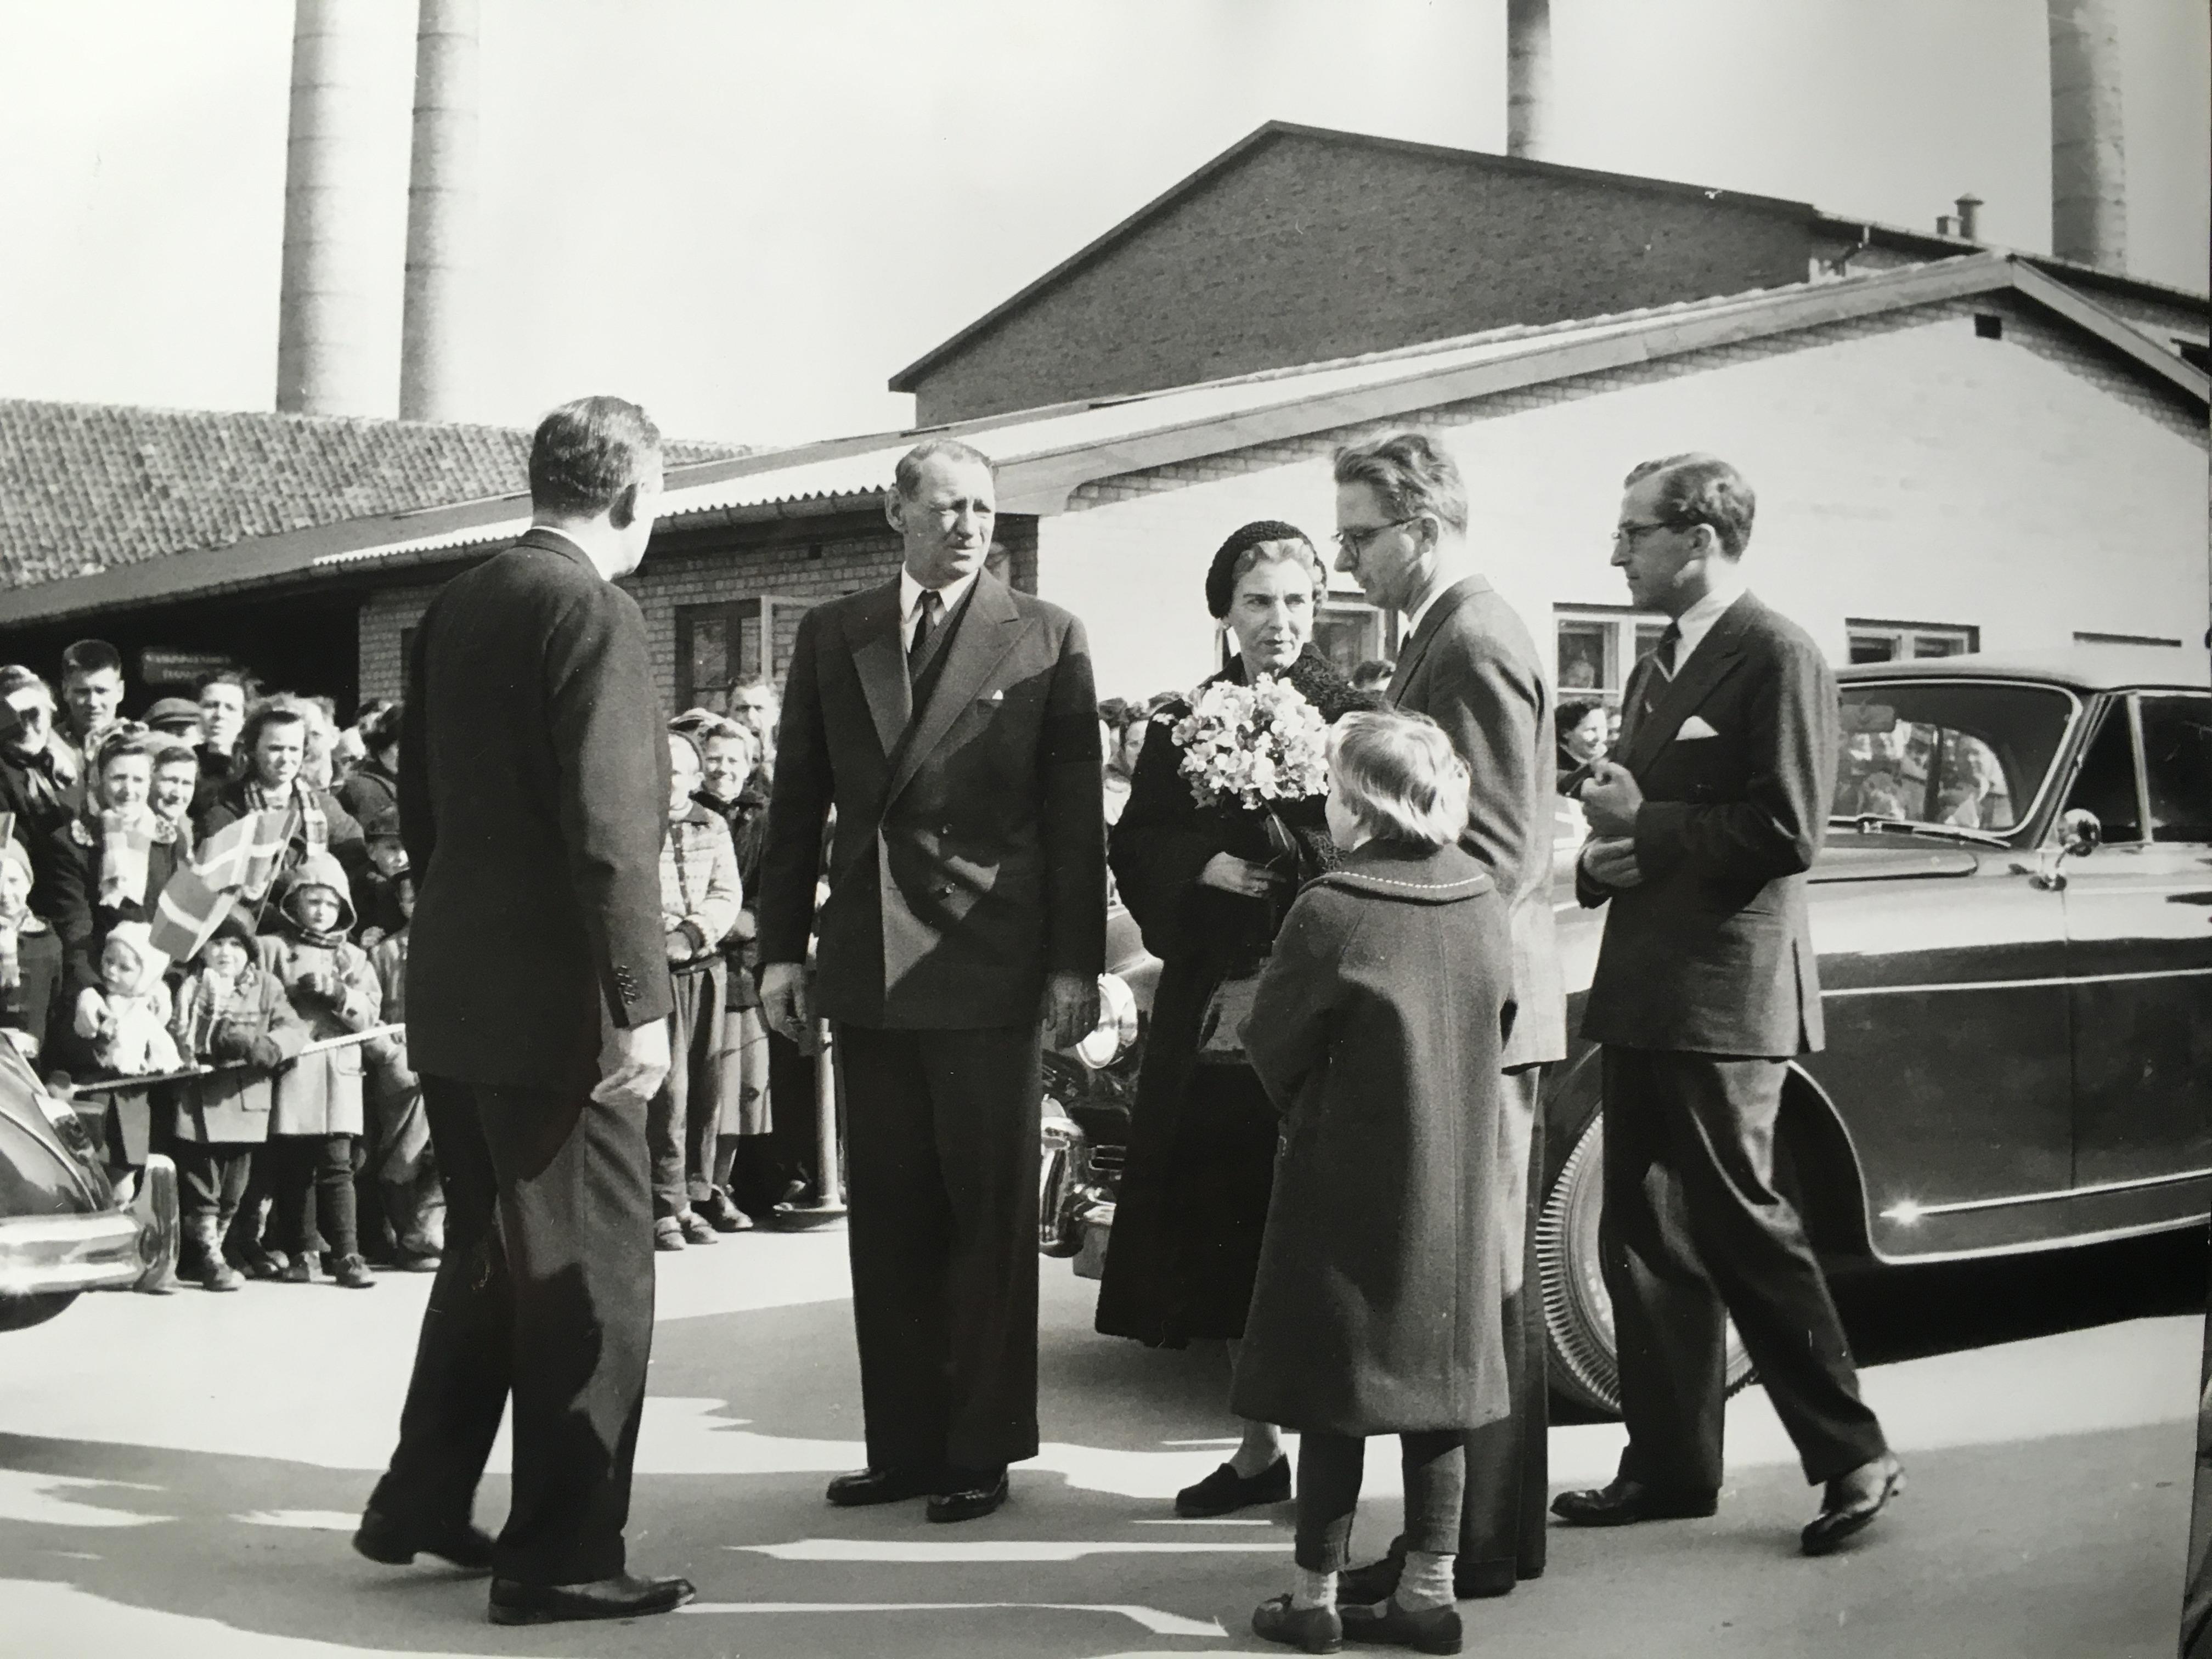 kong-frederik-og-dronning-ingrid-besoeger-hg-den-25-marts-1958-71